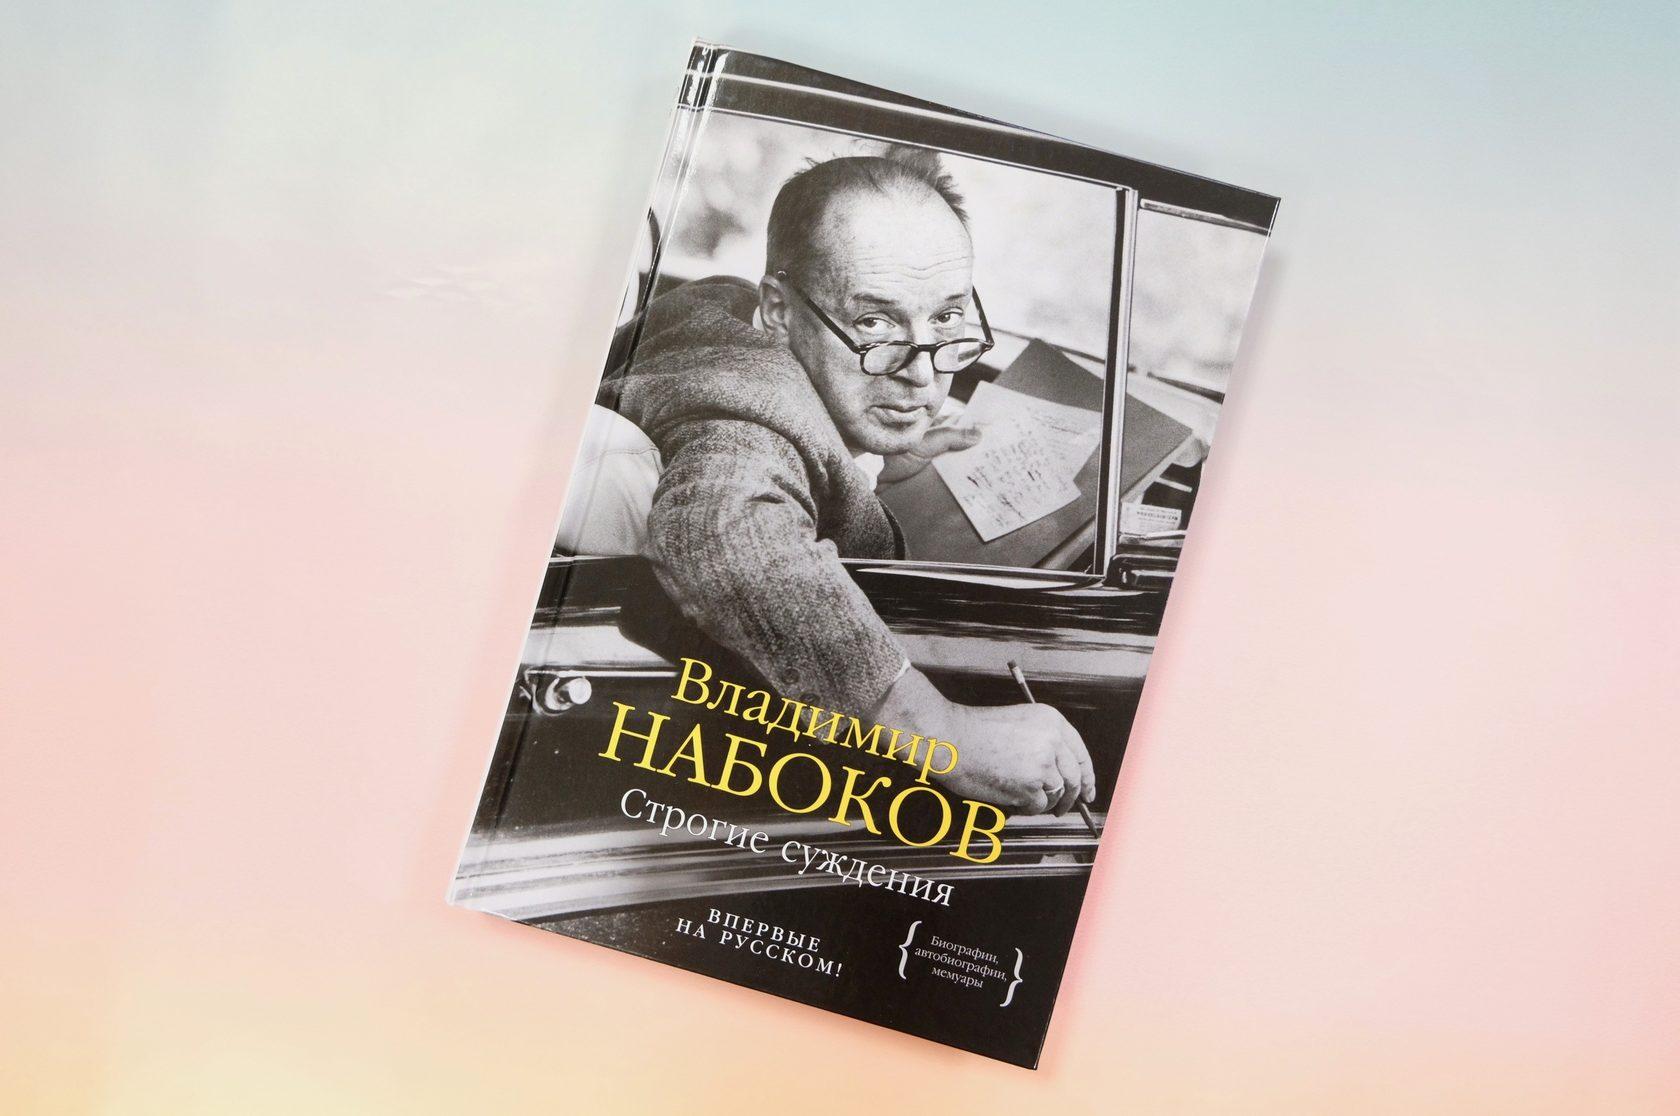 Владимир Набоков «Строгие суждения»